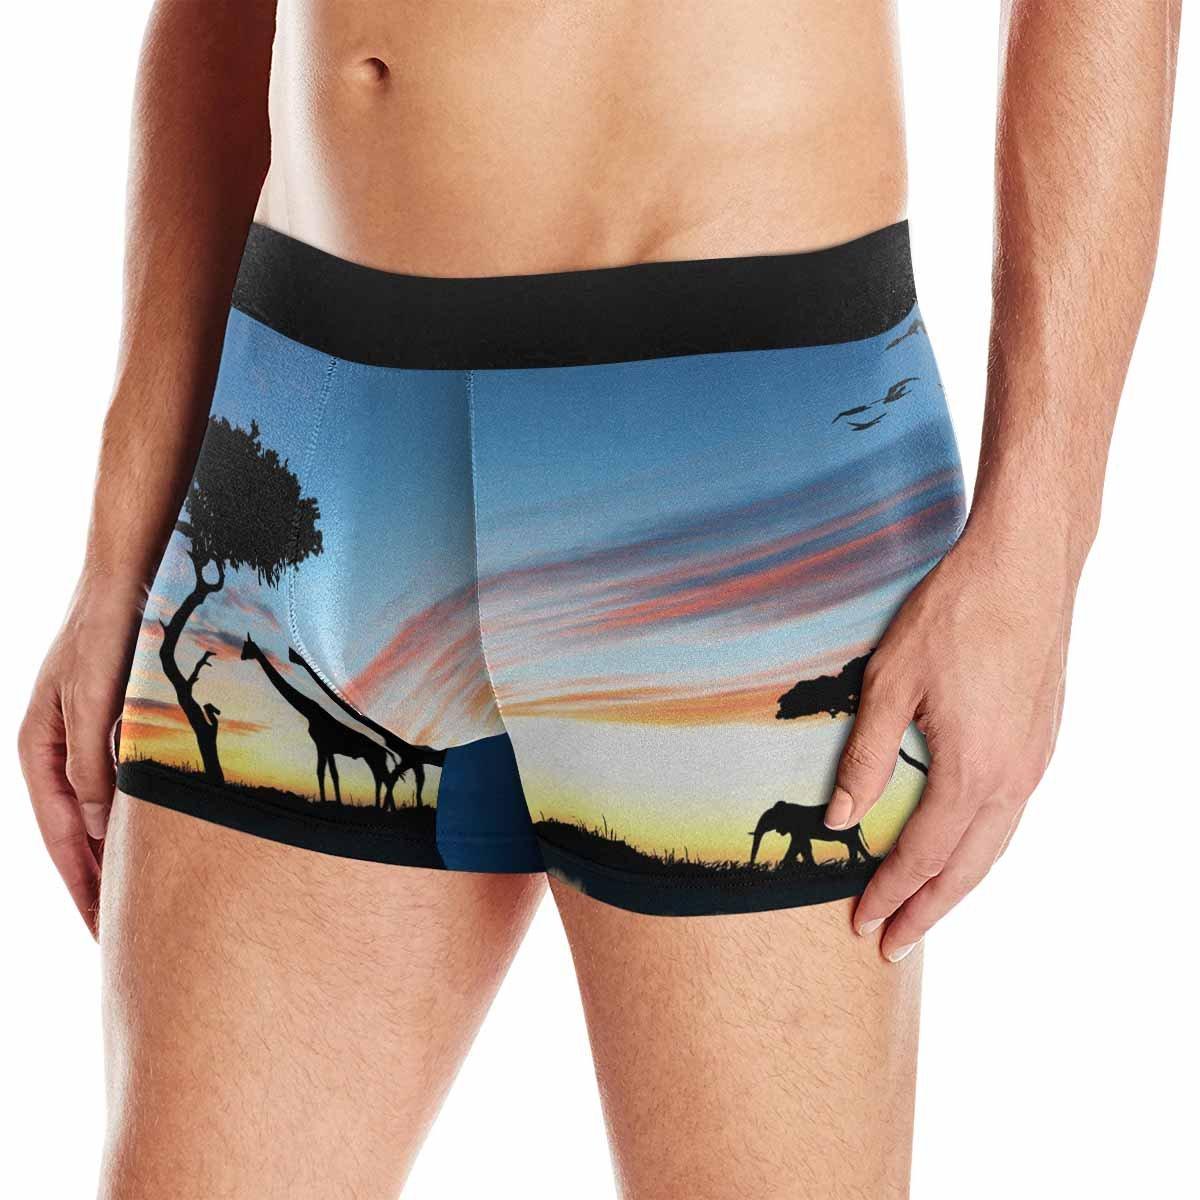 INTERESTPRINT Mens Boxer Briefs Underwear Safari in Africa Silhouette of Wild Animals Reflection in Water XS-3XL